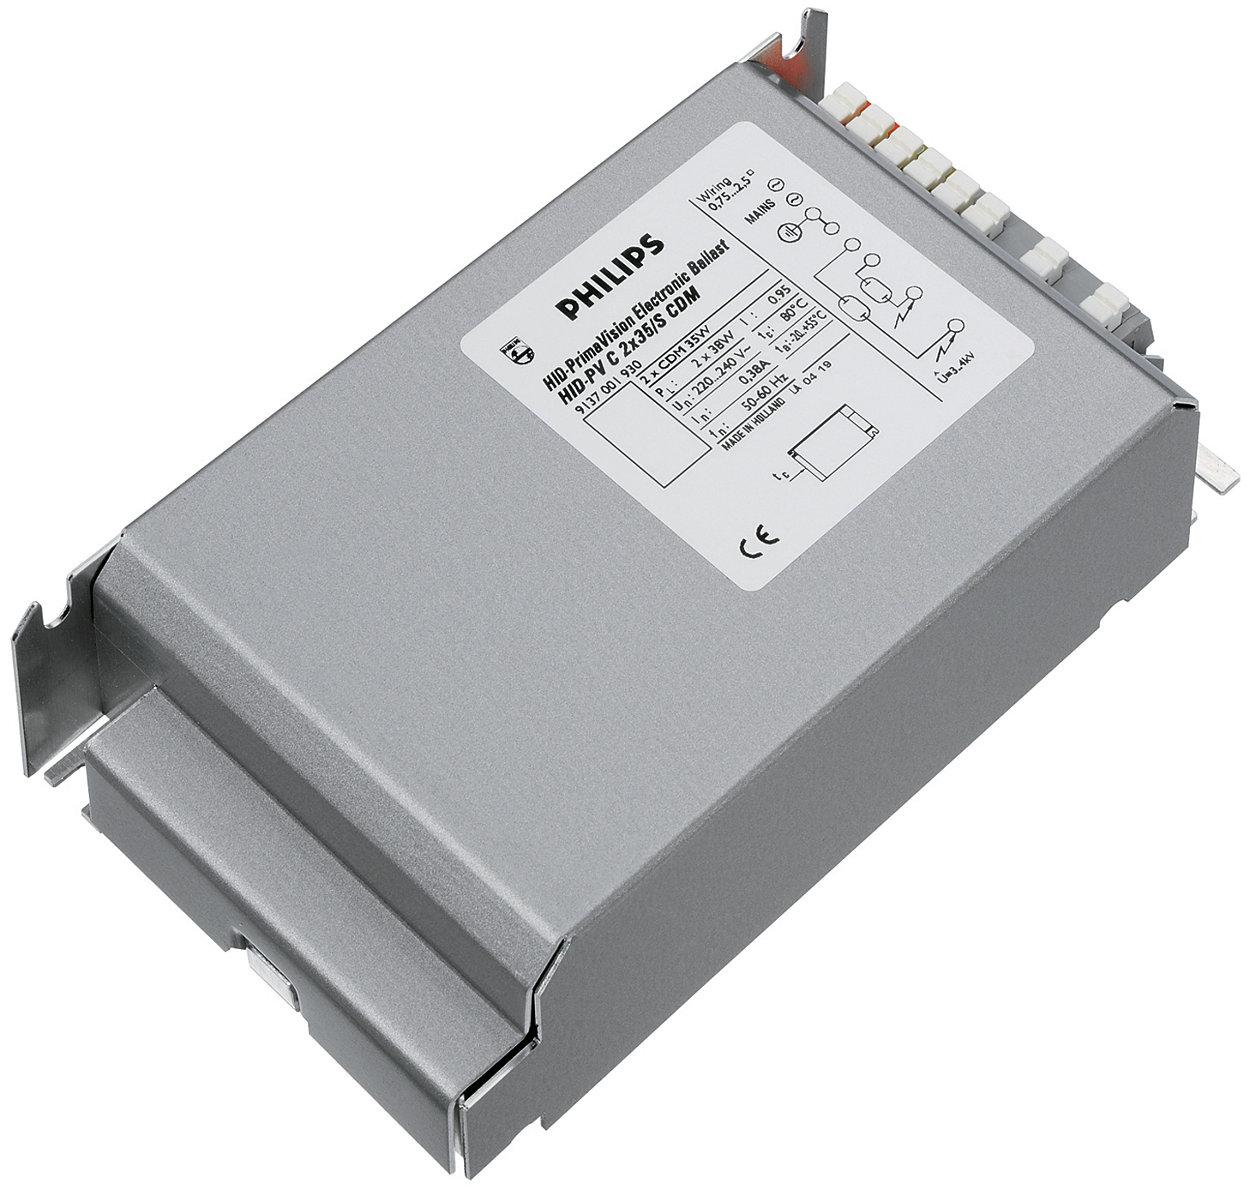 PrimaVision Twin (35 W e 70 W) per lampade CDM - La soluzione conveniente